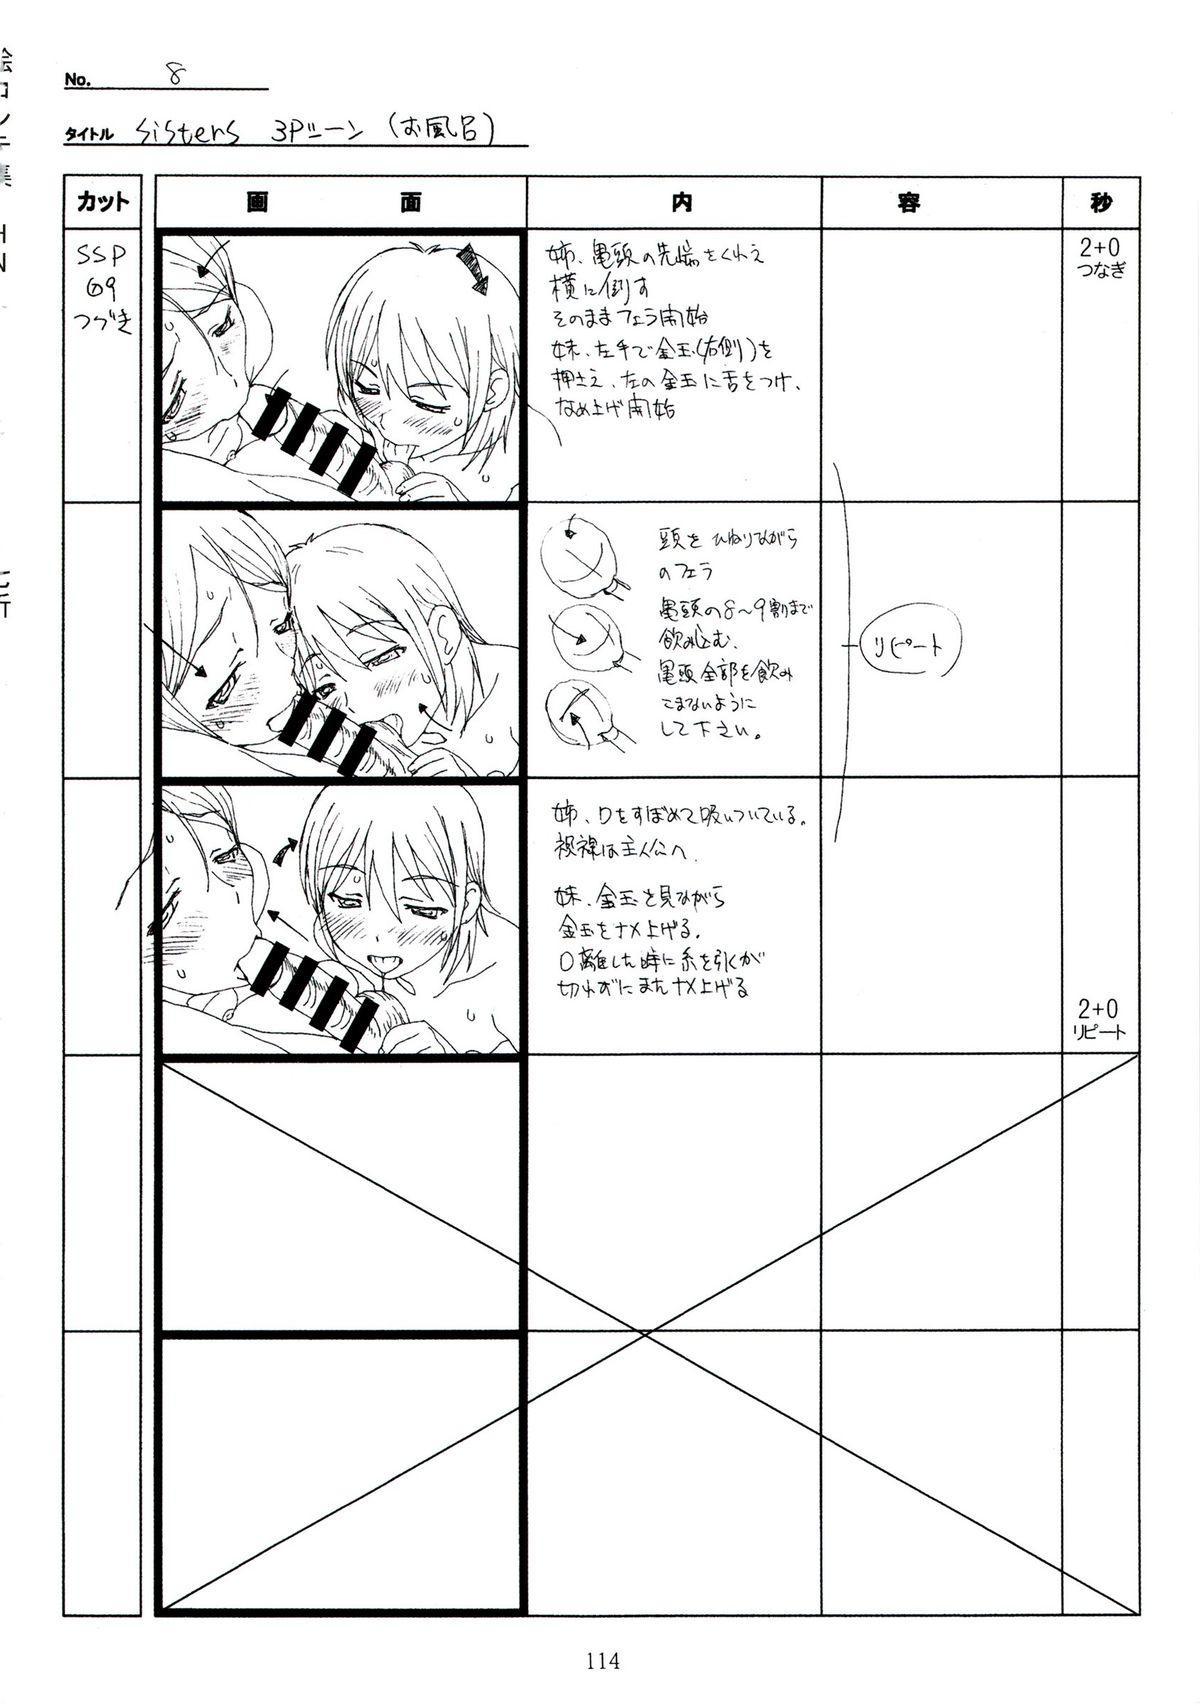 (C89) [Makino Jimusho (Taki Minashika)] SISTERS -Natsu no Saigo no Hi- H Scene All Part Storyboard (SISTERS -Natsu no Saigo no Hi-) 113